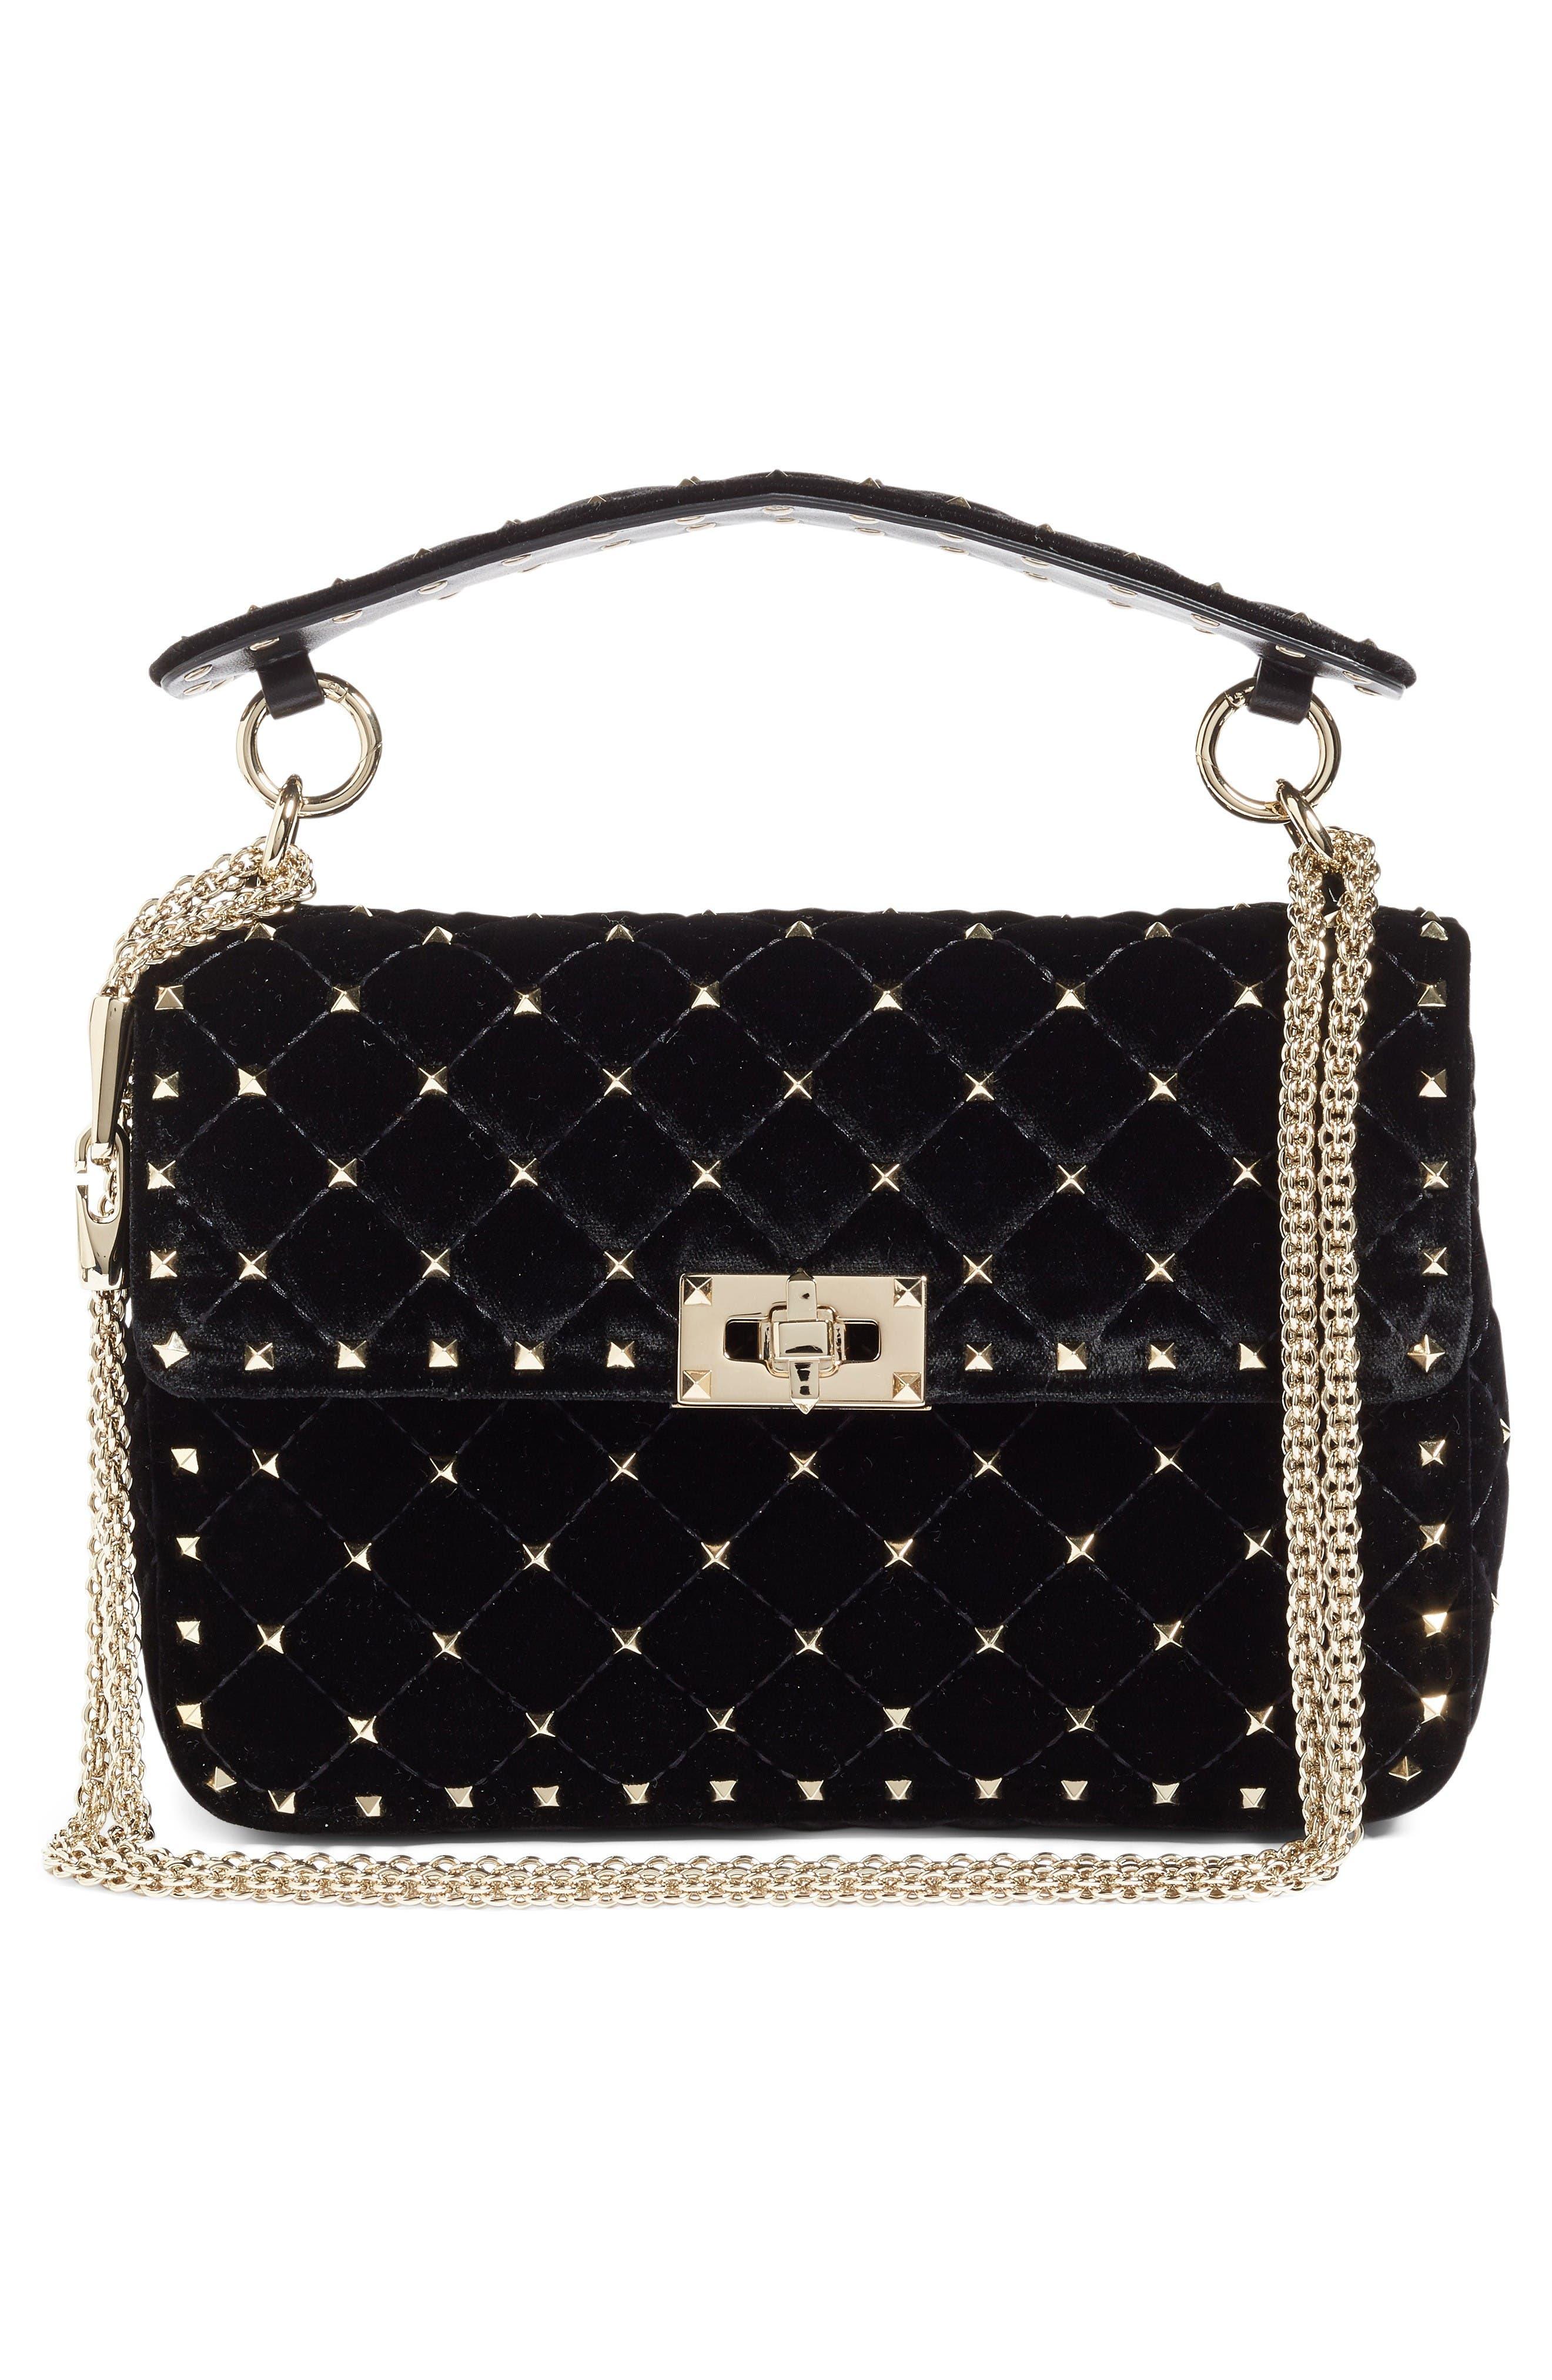 VALENTINO GARAVANI Rockstud Spike Velvet Shoulder Bag